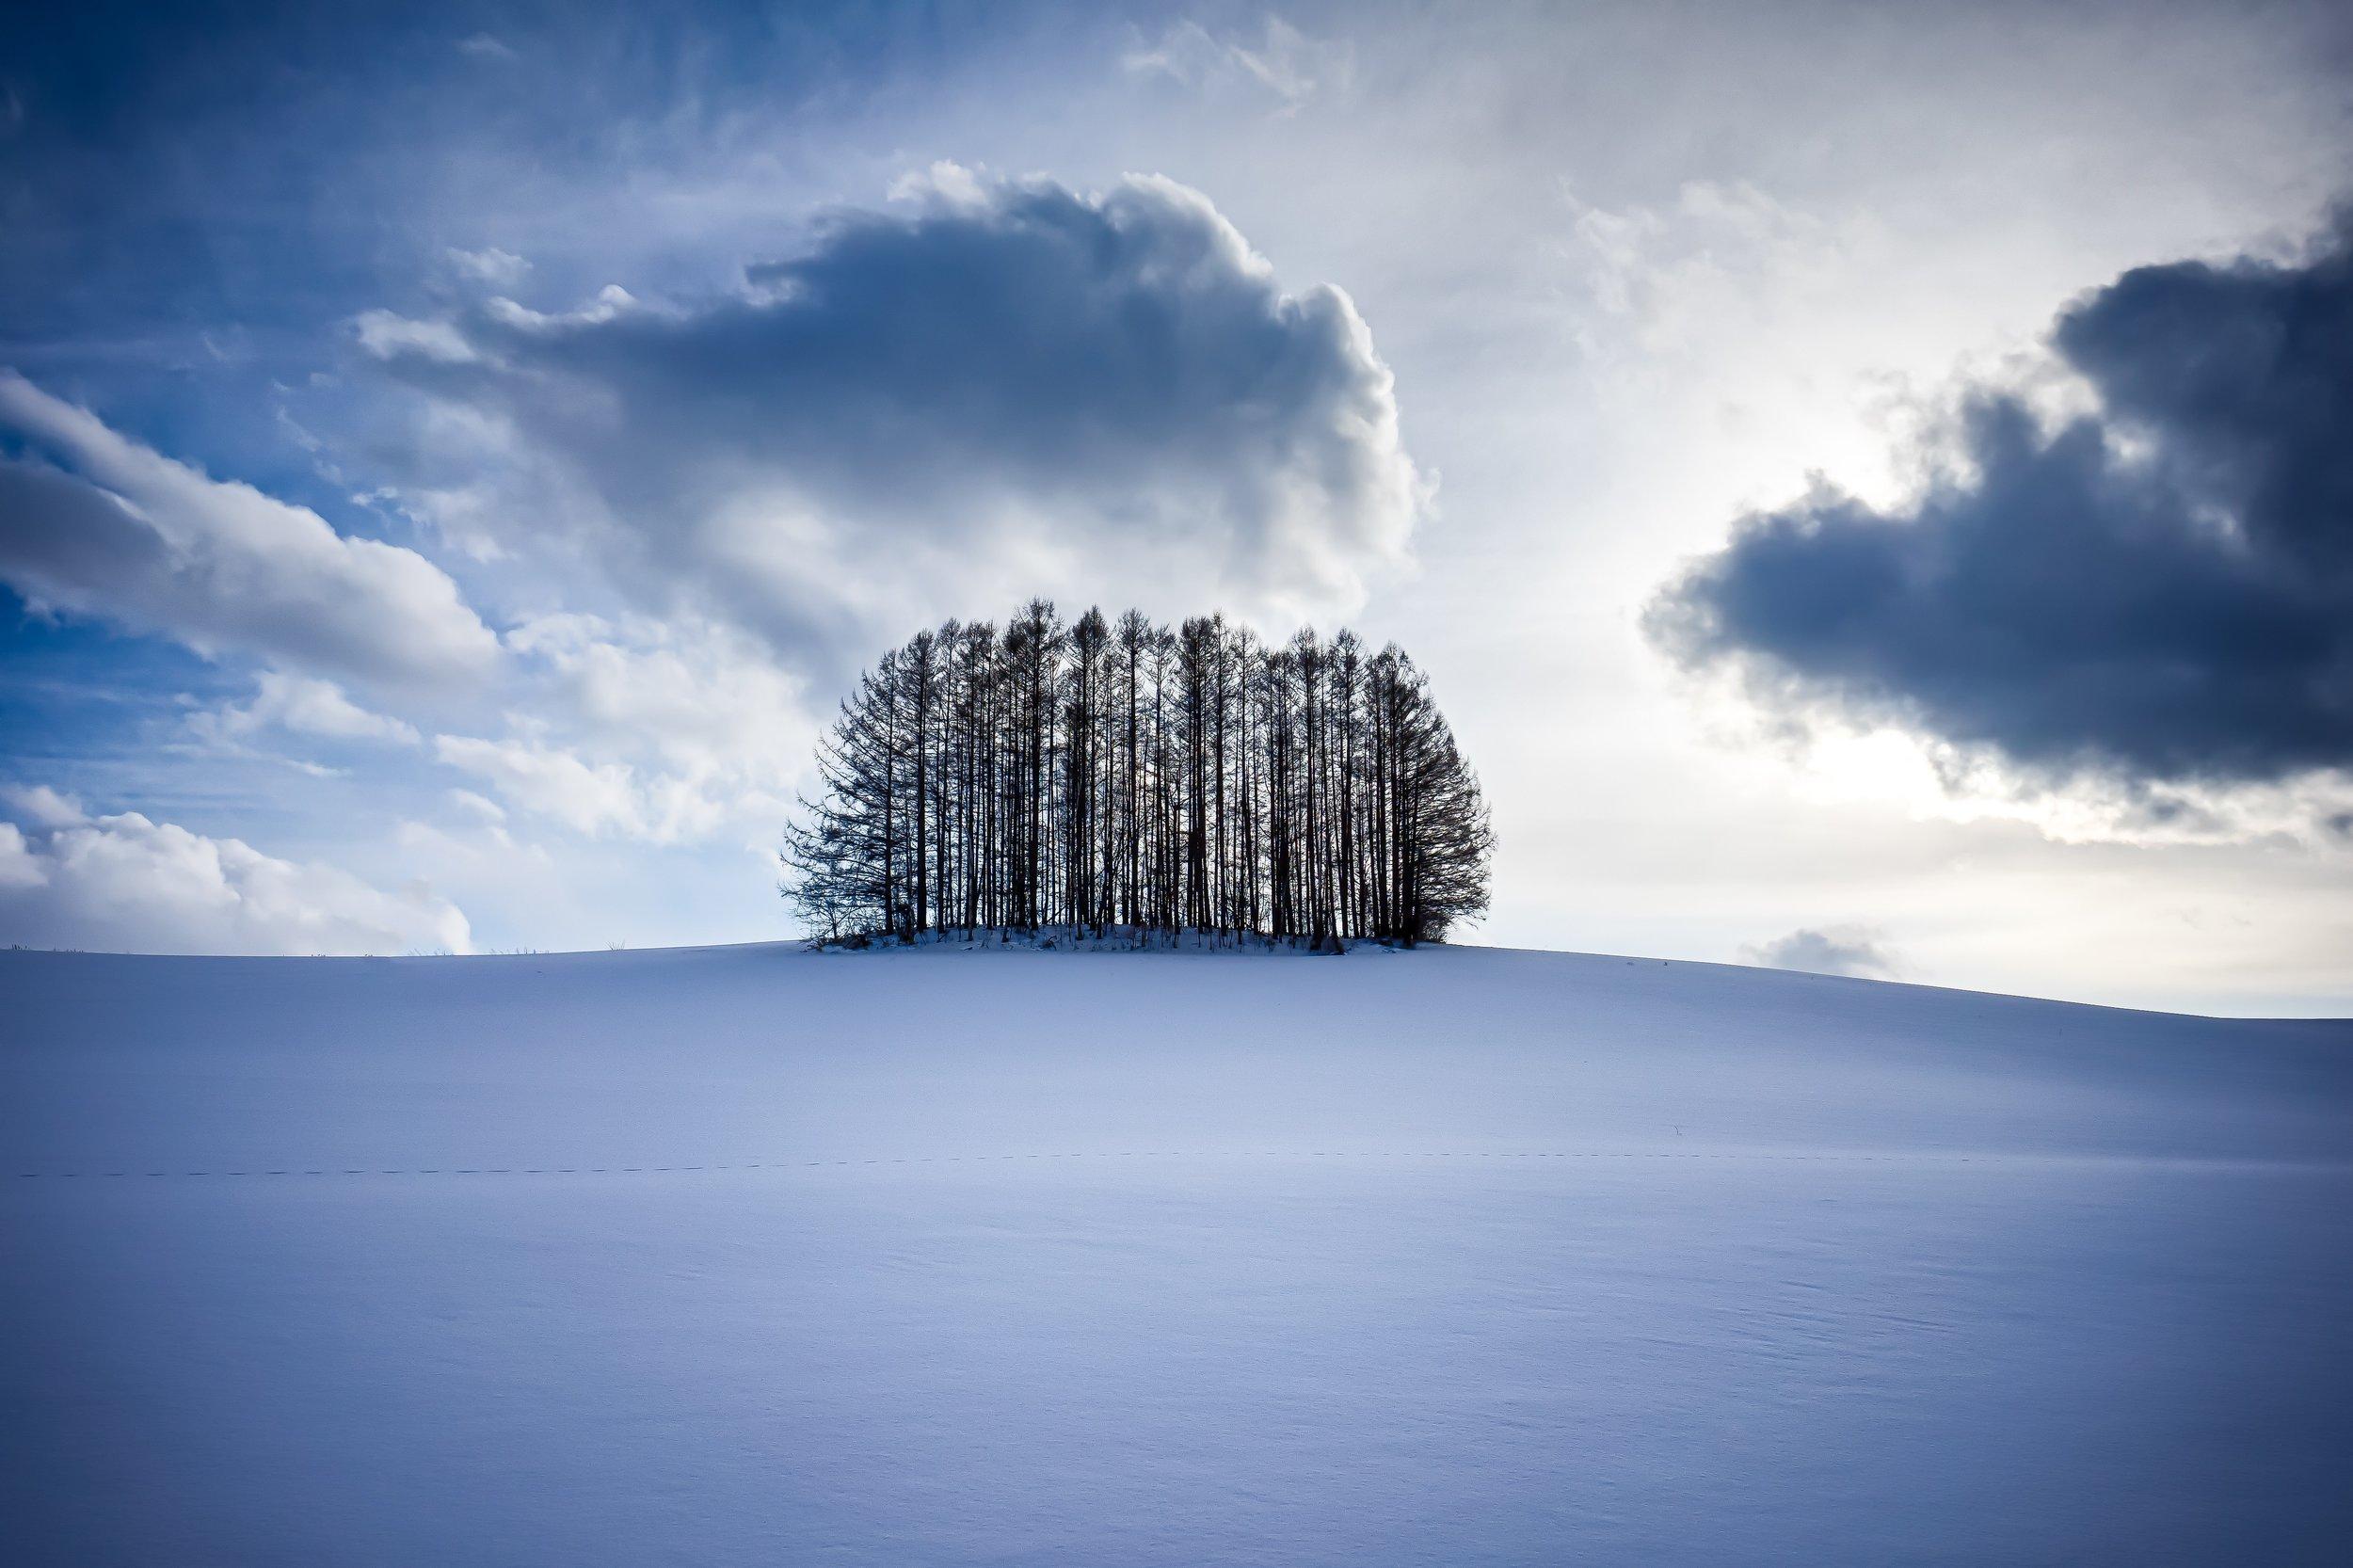 PHOTOGRAPHY: Andy Yee • Sony Sony a7R • E 10-18mm Ƒ/4 OSS @ 18MM • Ƒ/9.5 • bulb• ISO 100